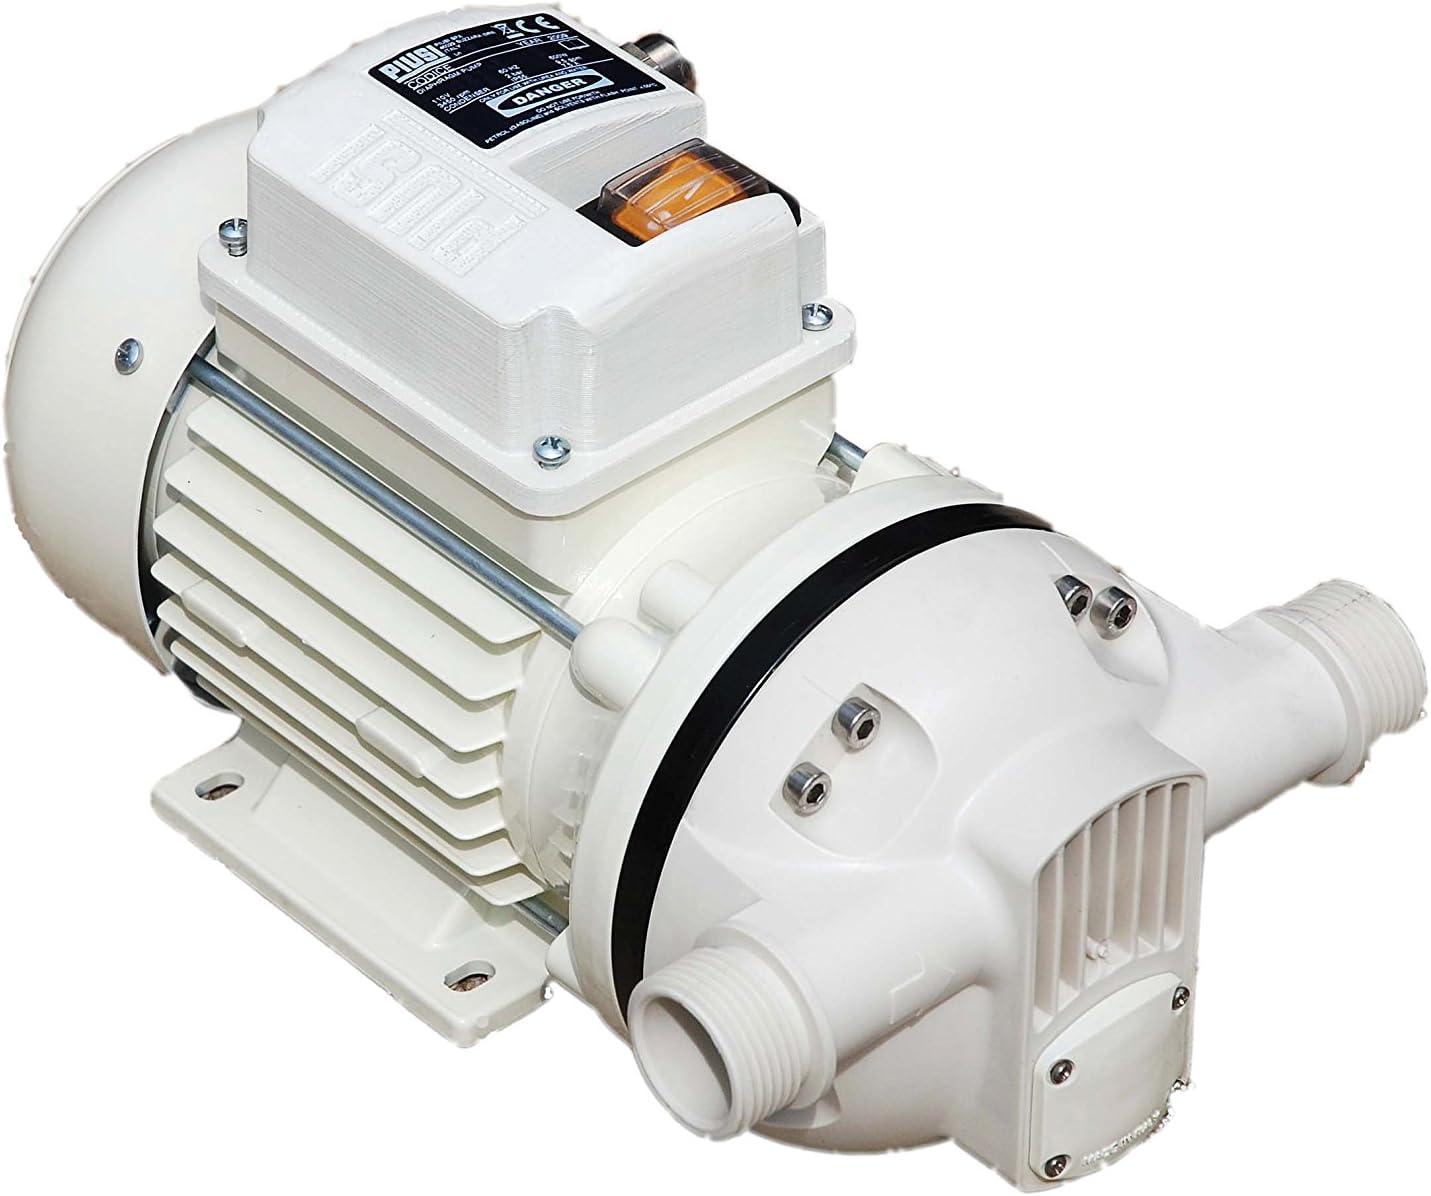 Membranpumpe F Harnstoff Aus 32 Adblue 230 V Mit Kabel Und Stecker Ac Pumpe Artnr P20310 Baumarkt